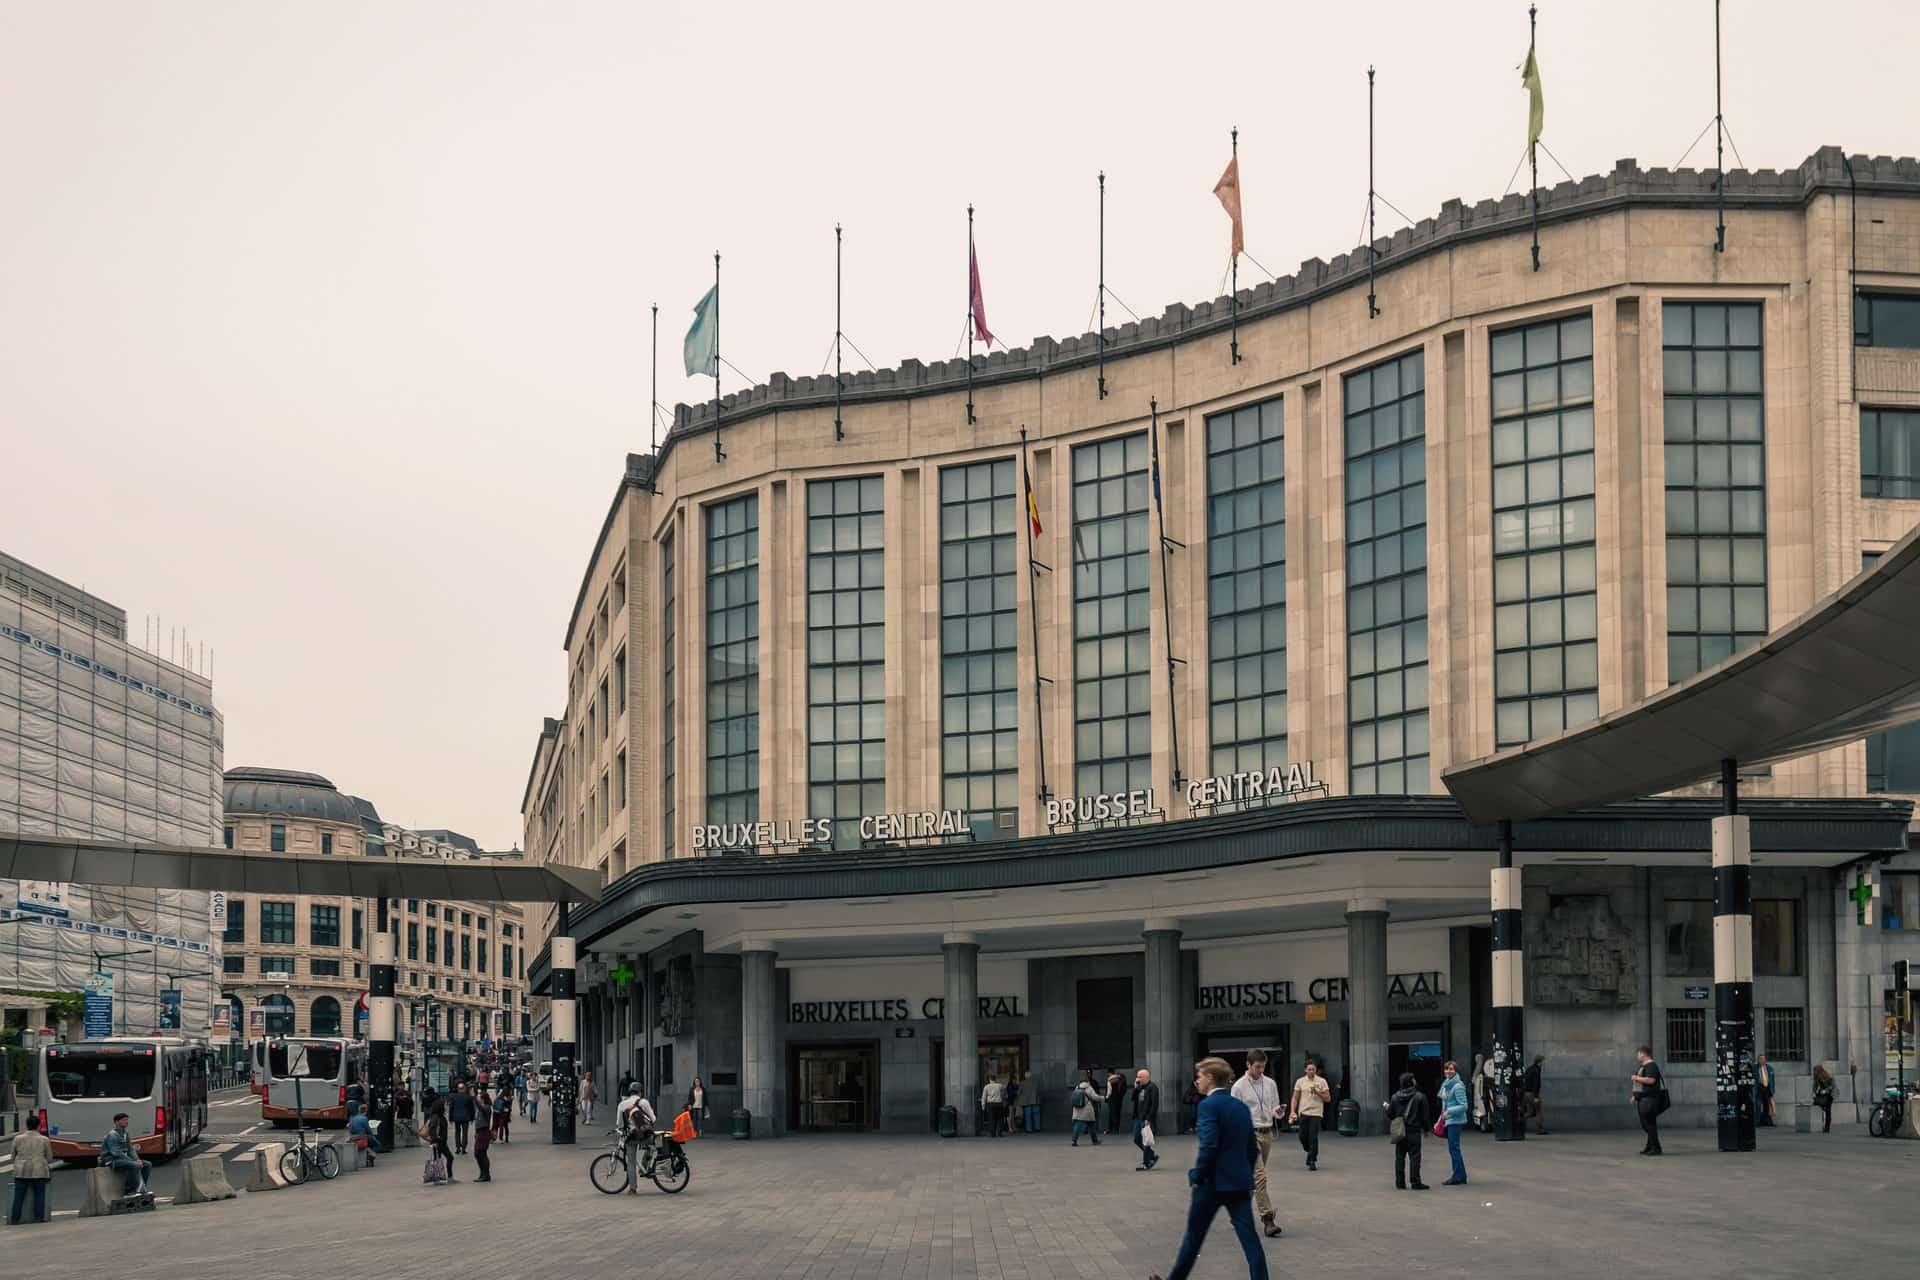 que visitar en bruselas 2